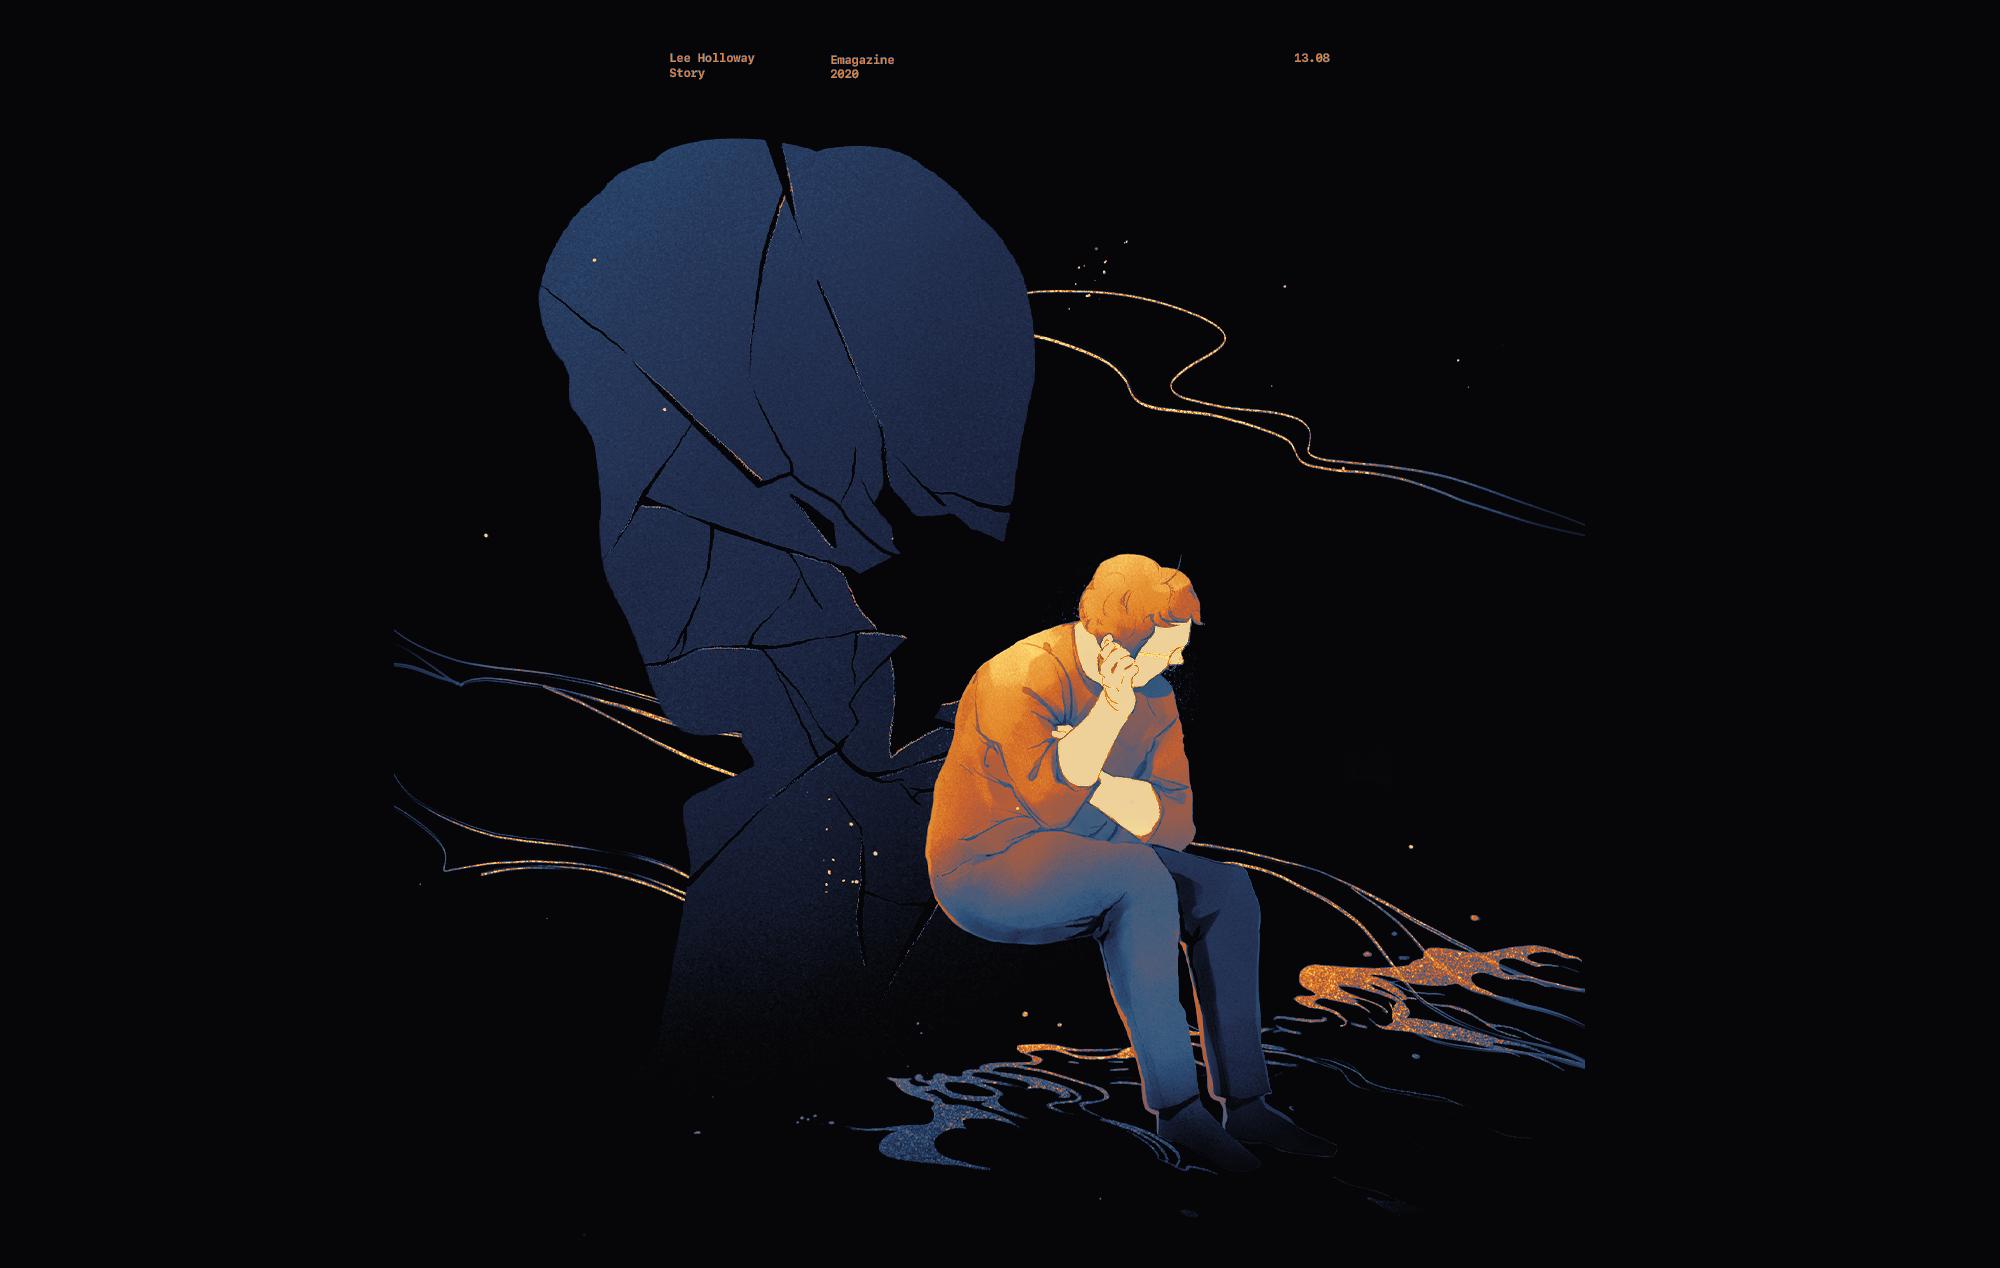 Lee Holloway - Hành trình suy sụp đến chạnh lòng của thiên tài coder trẻ tuổi - Ảnh 17.